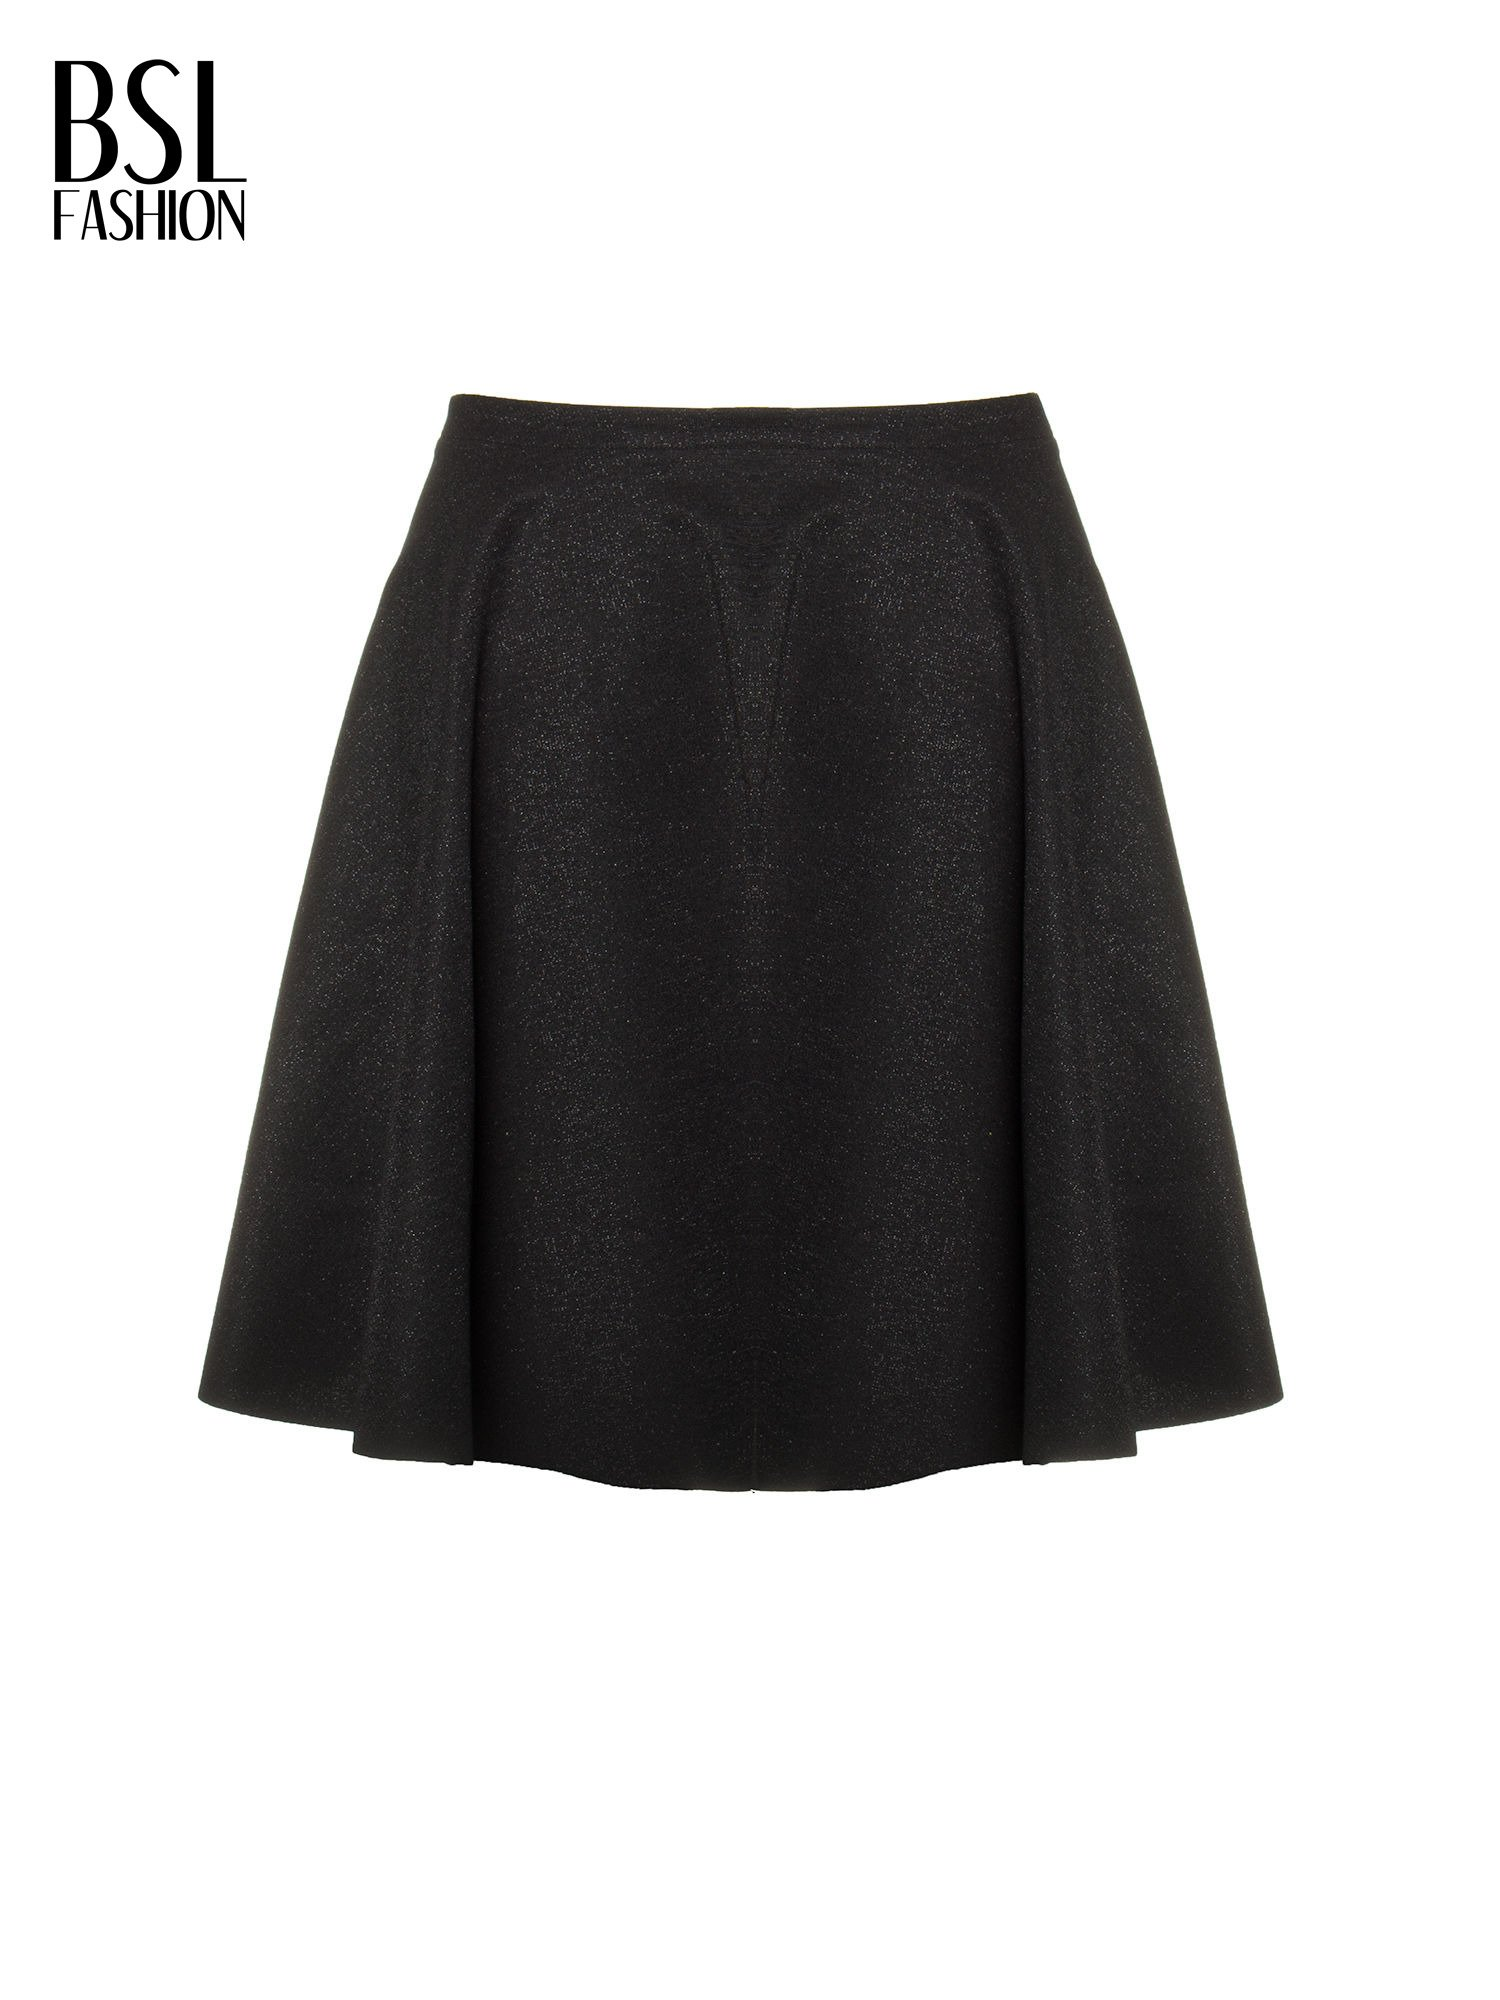 Czarna mini spódniczka przeplatana błyszczącą nicią                                  zdj.                                  5